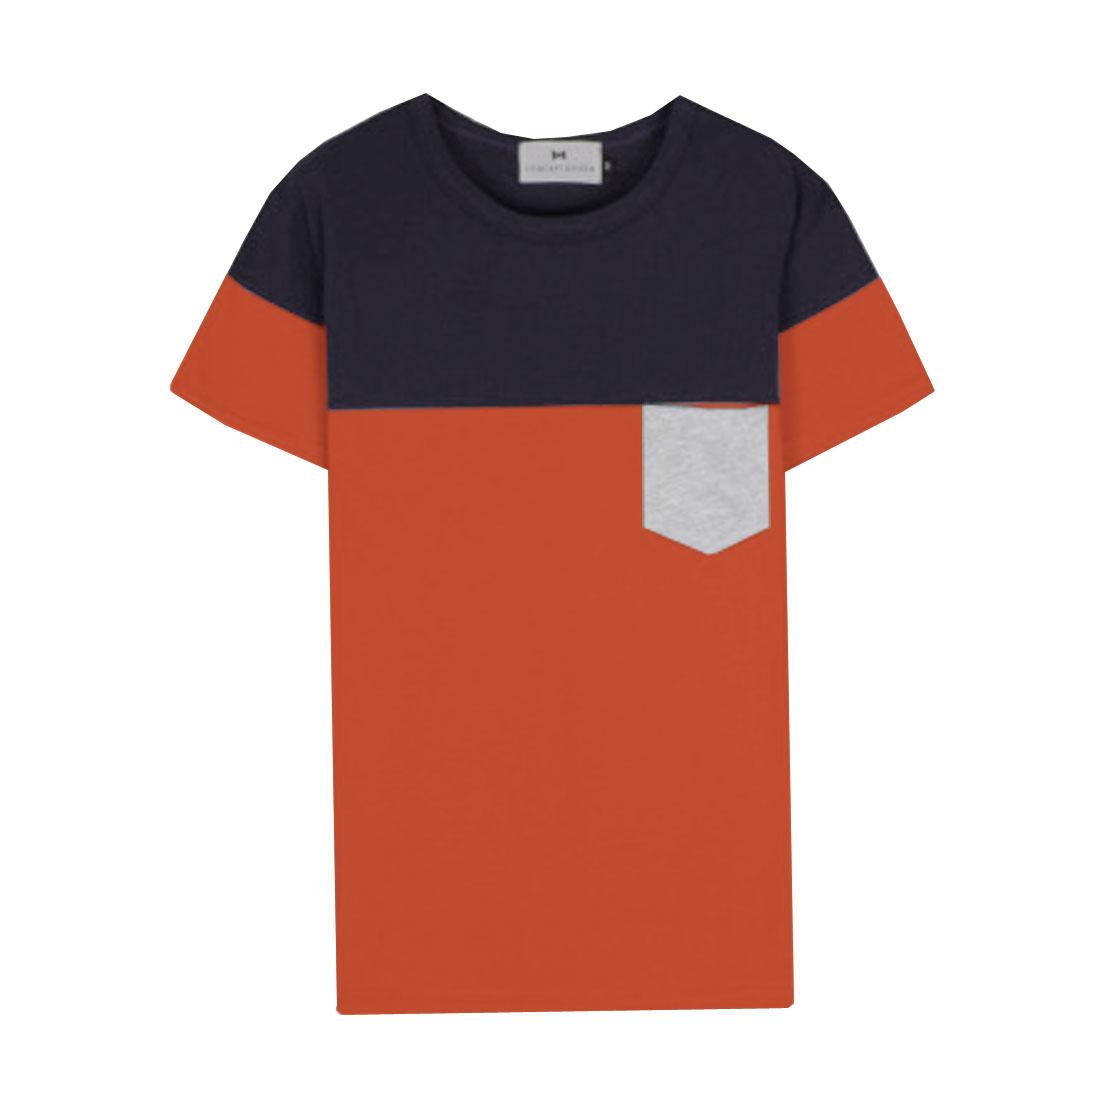 Men Short-sleeved Pockets Round Neck Shirt Orange Dark Blue S